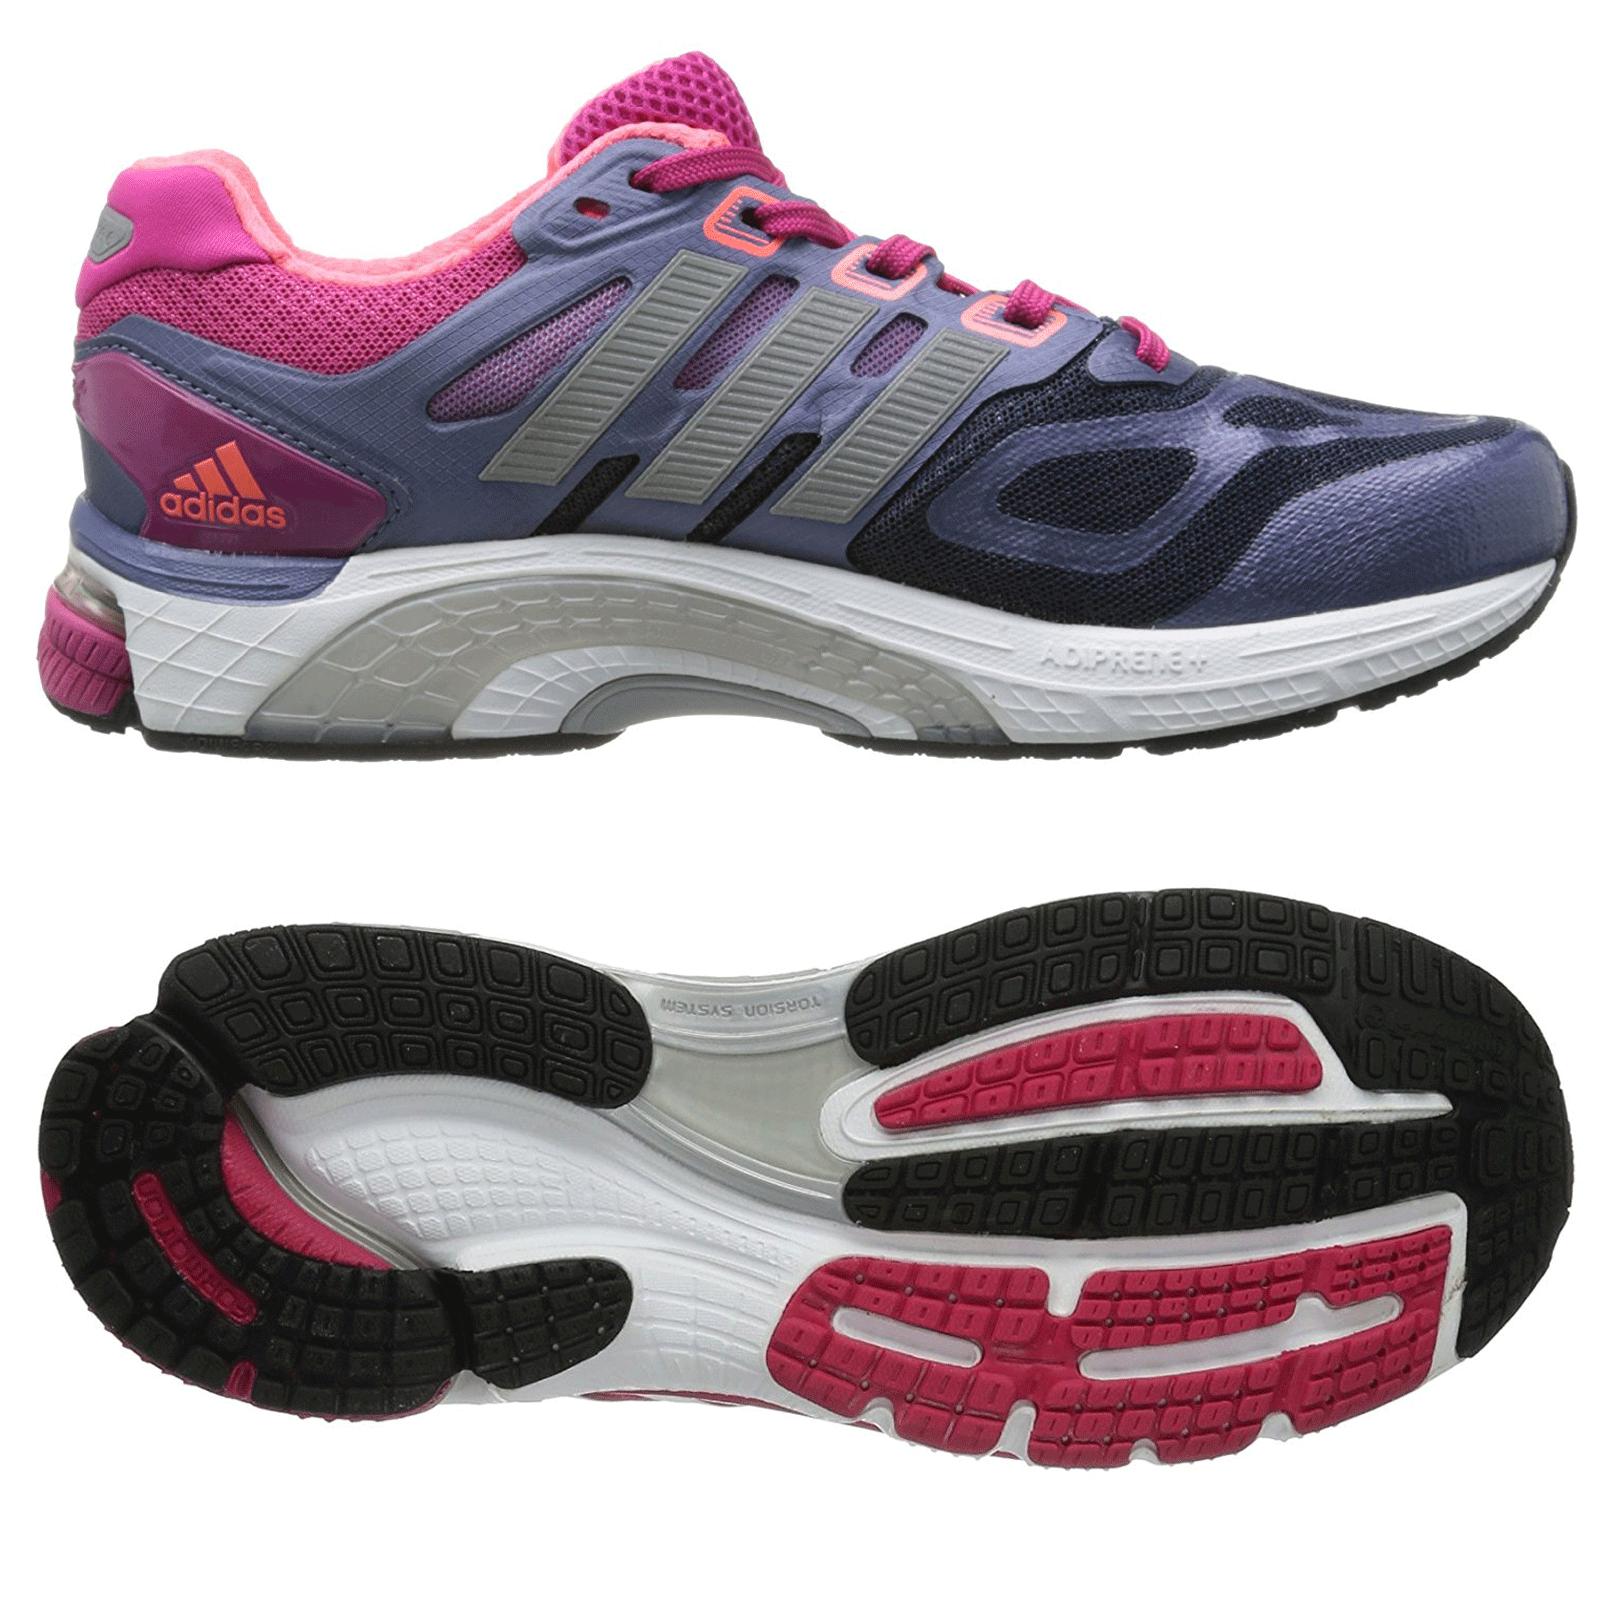 Adidas Supernova Sequence 6 W Damen Laufschuhe Running schuhe Neu  OVP